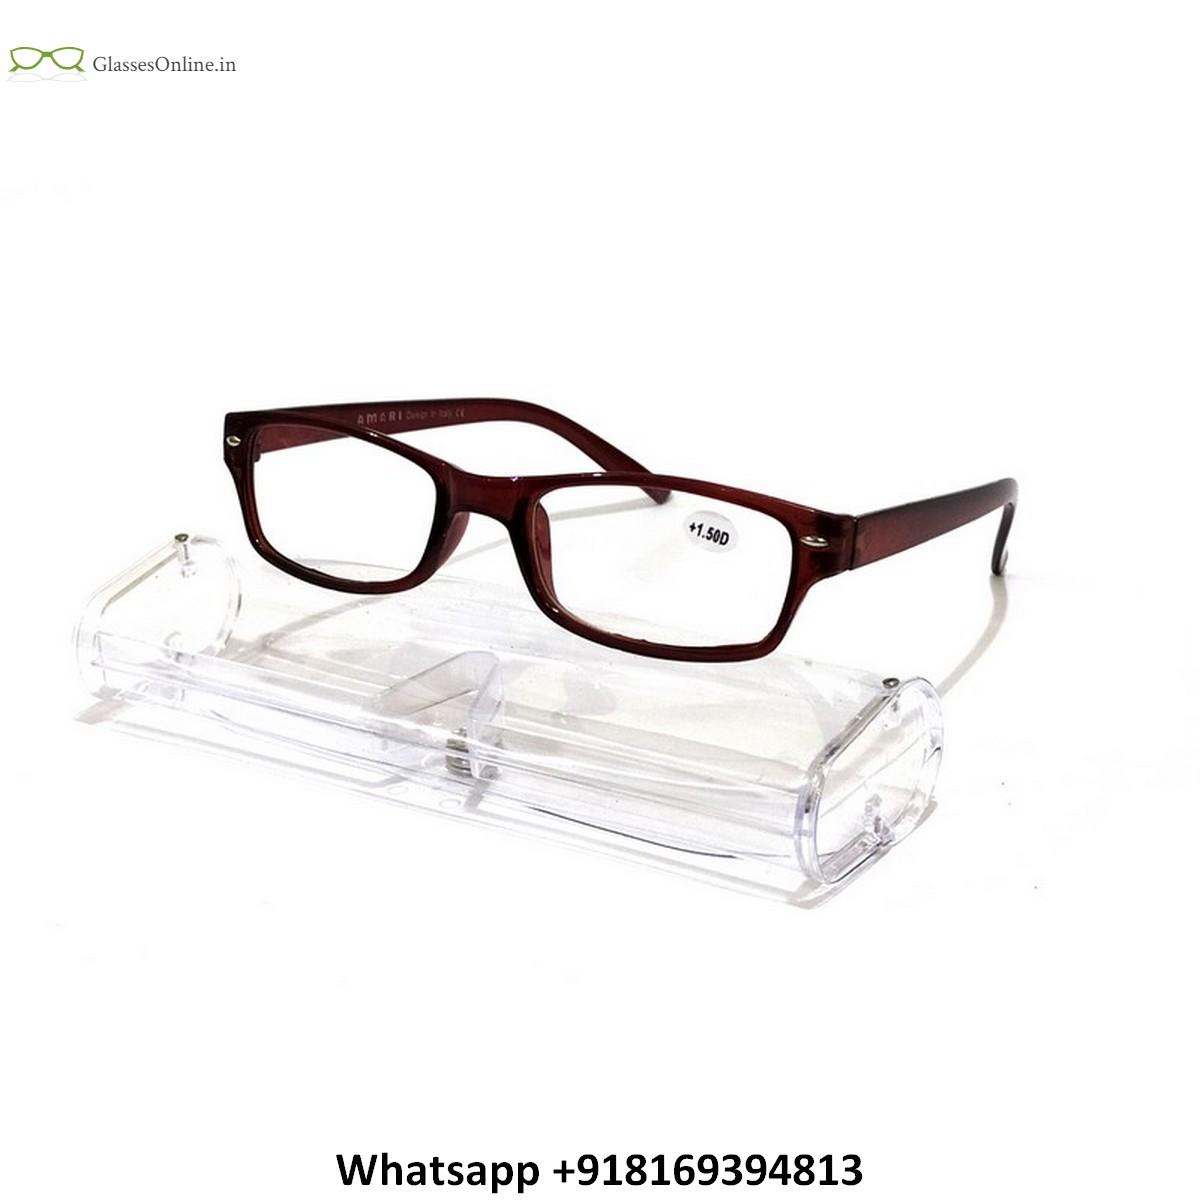 Economy Plastic Reading Glasses